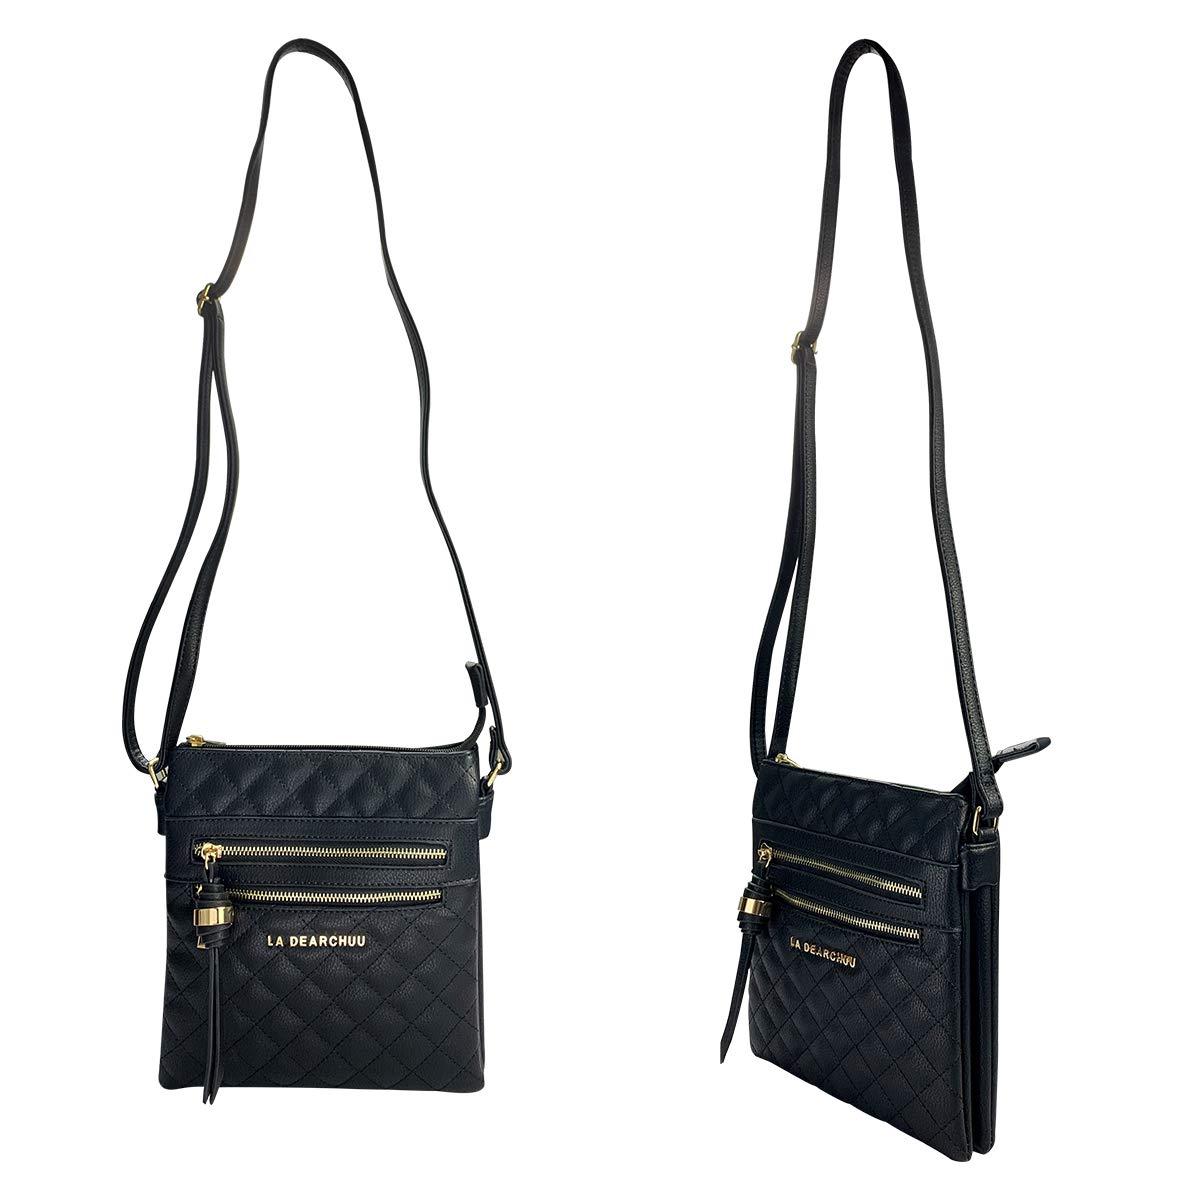 Amazon.com: La Dearchuu - Bolsas de piel sintética para ...